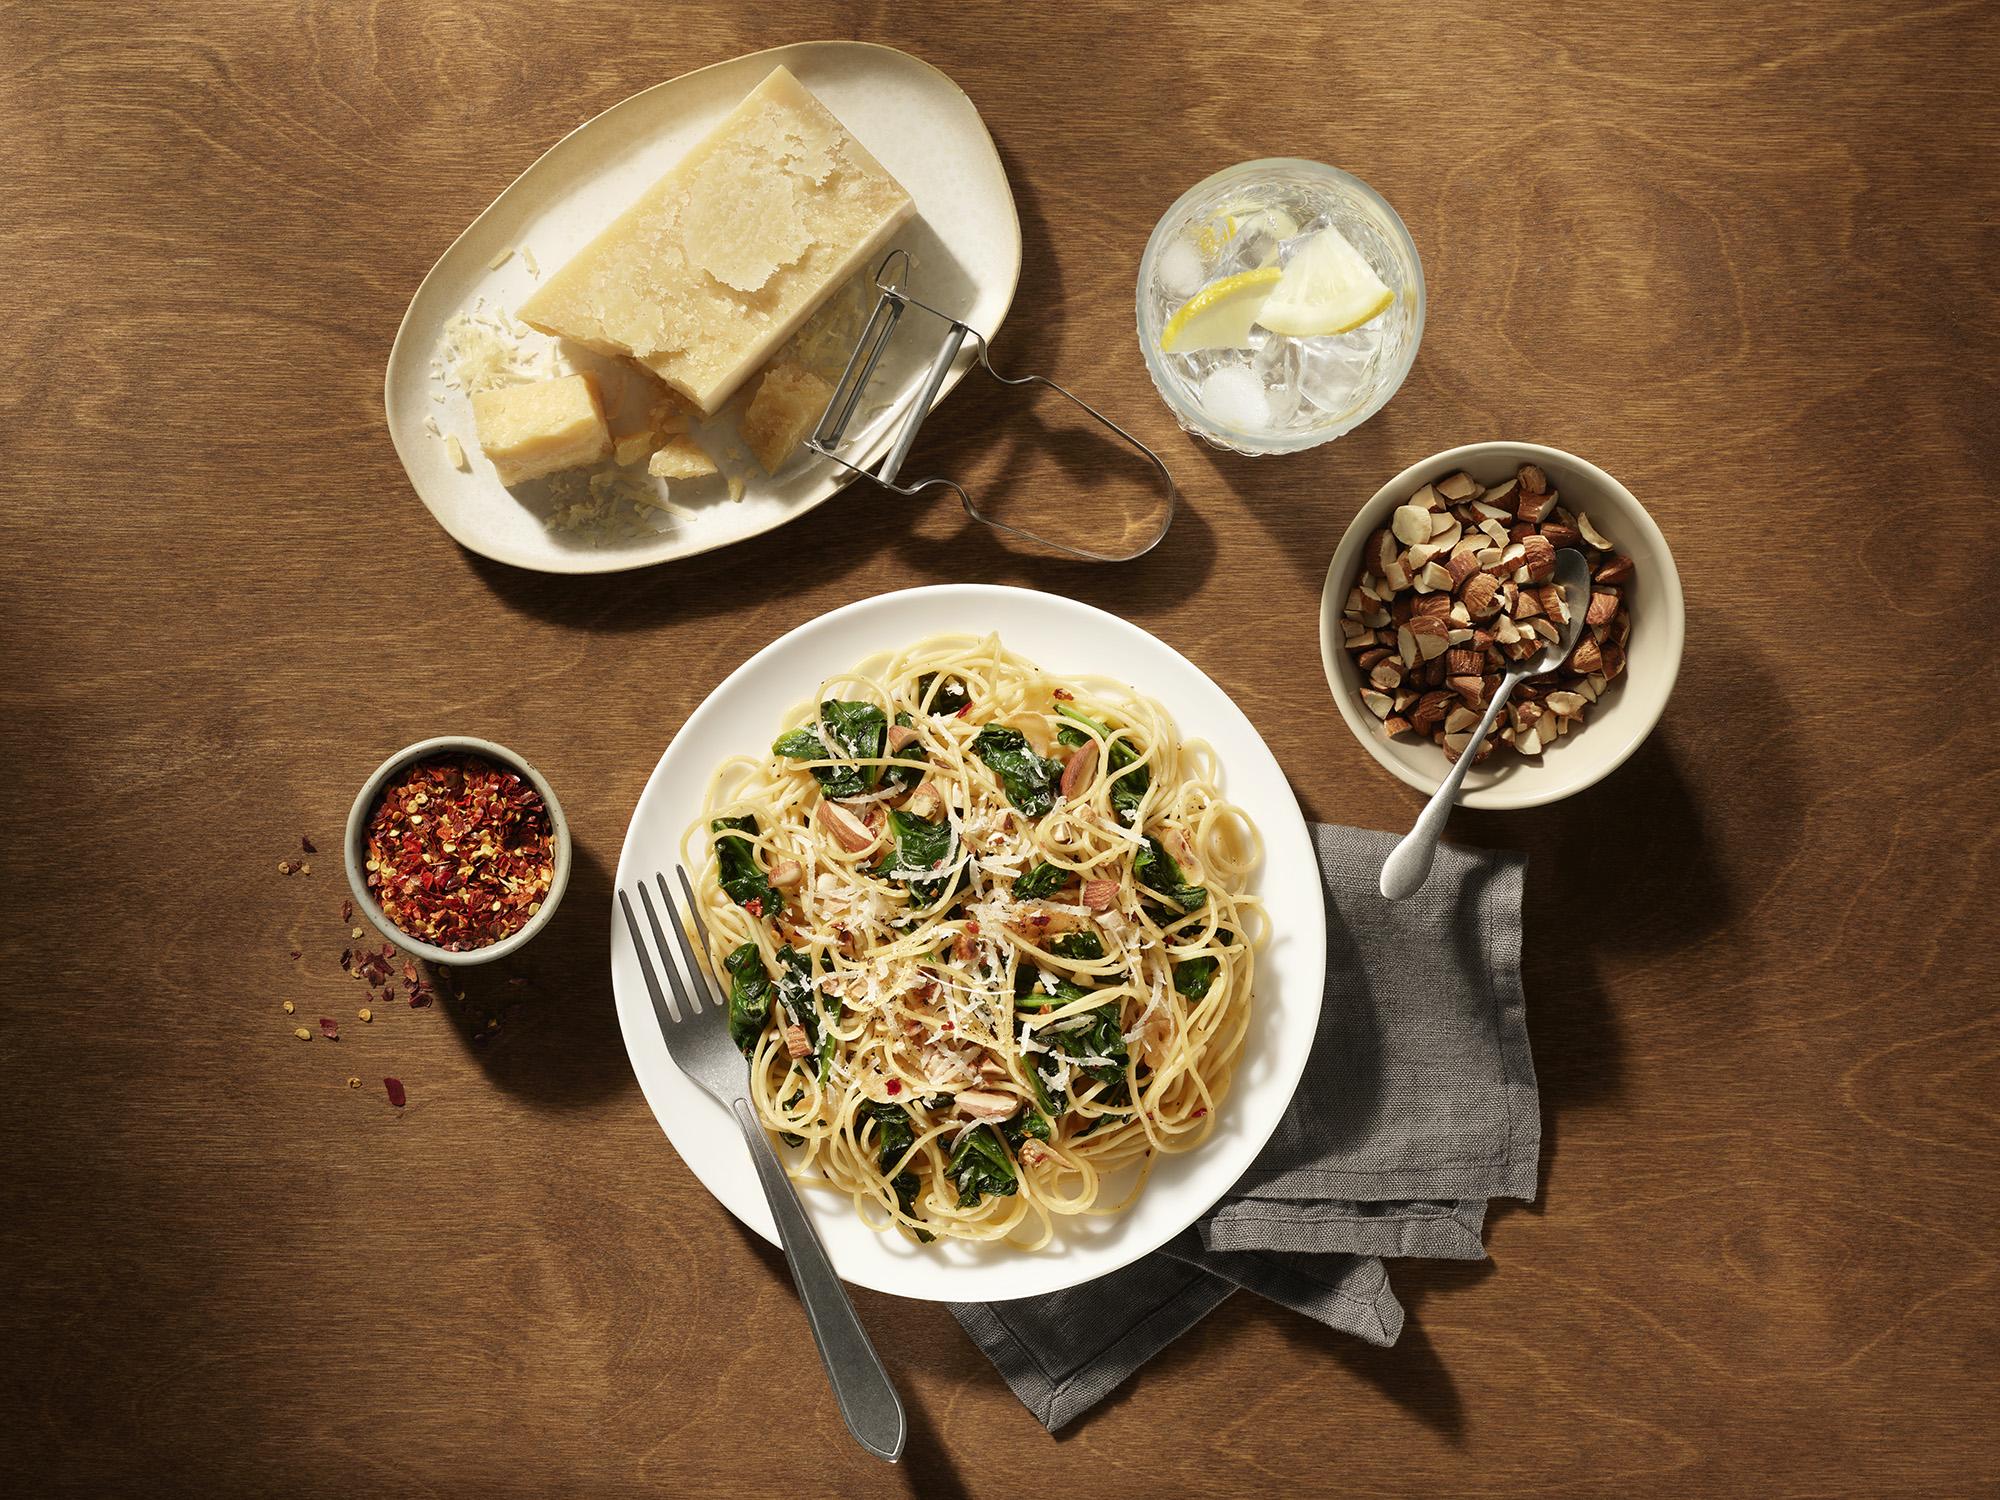 Spaghettini Garlic, Olive Oil, Spinach Recipe